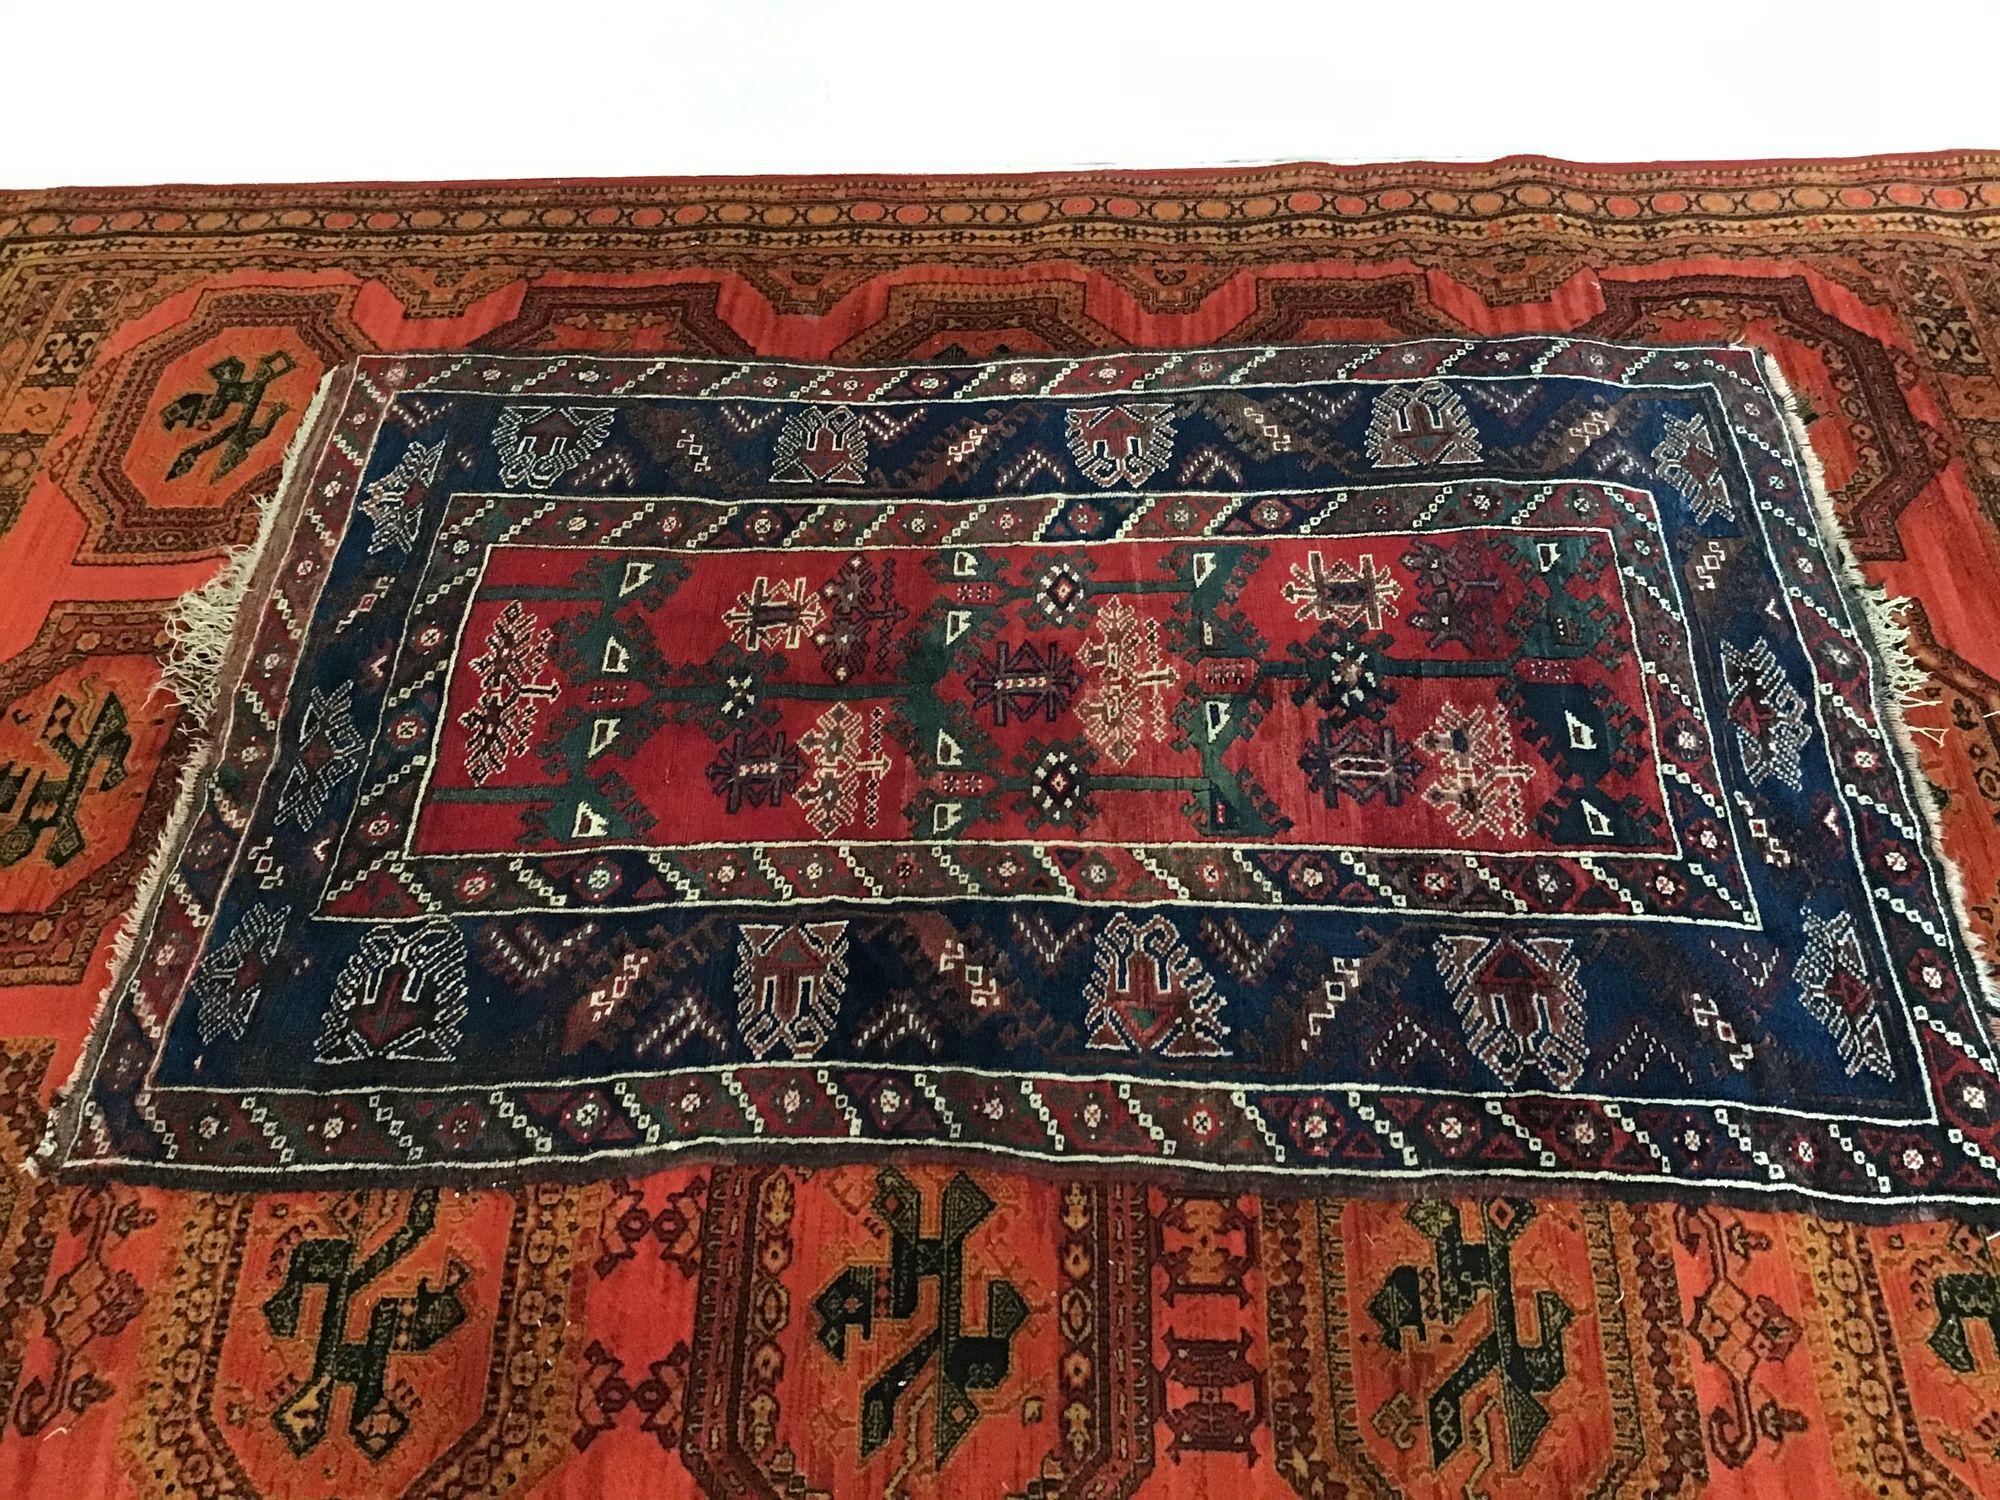 Handgeknoopt Perzisch Tapijt 4